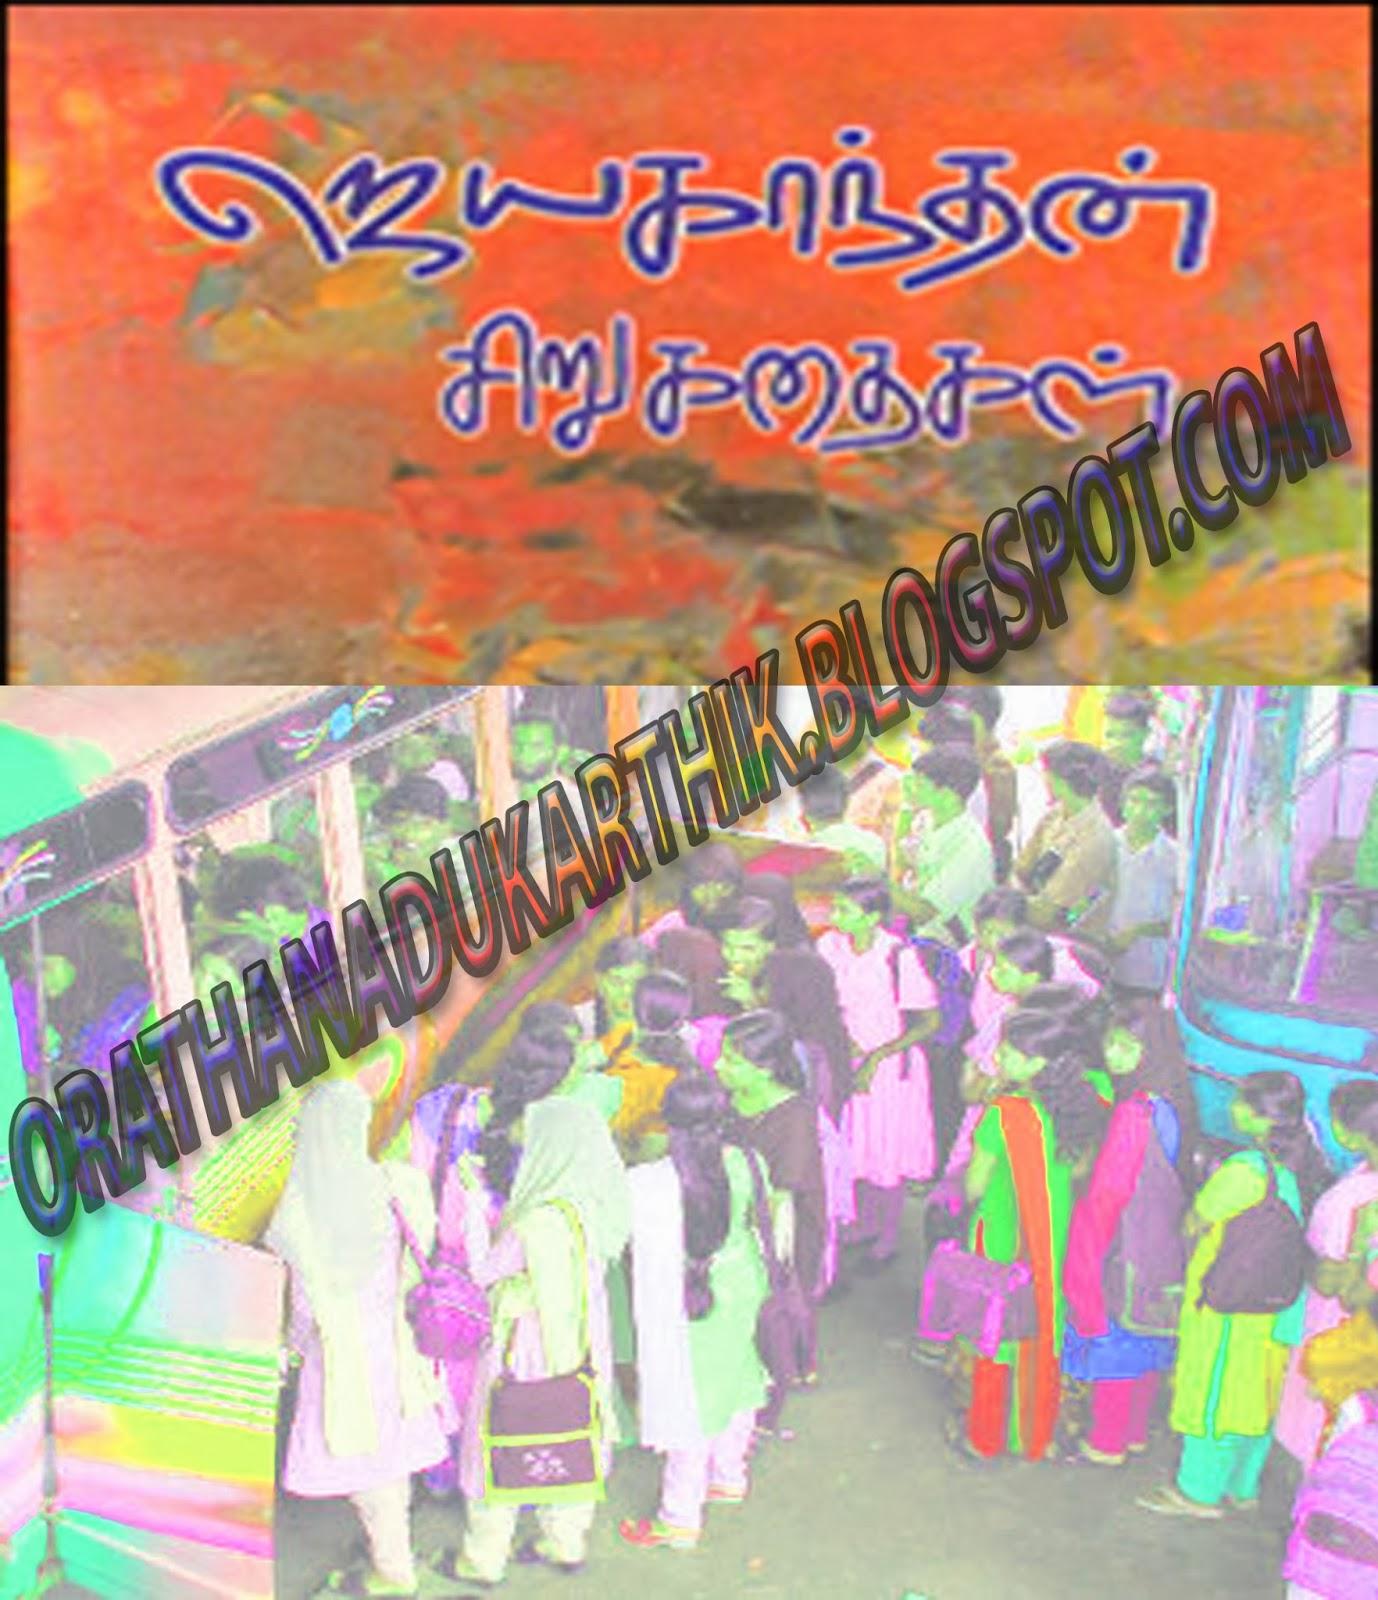 ஜெயகாந்தன் -அக்னி பிரவேசம் சிறுகதை Jayakanth